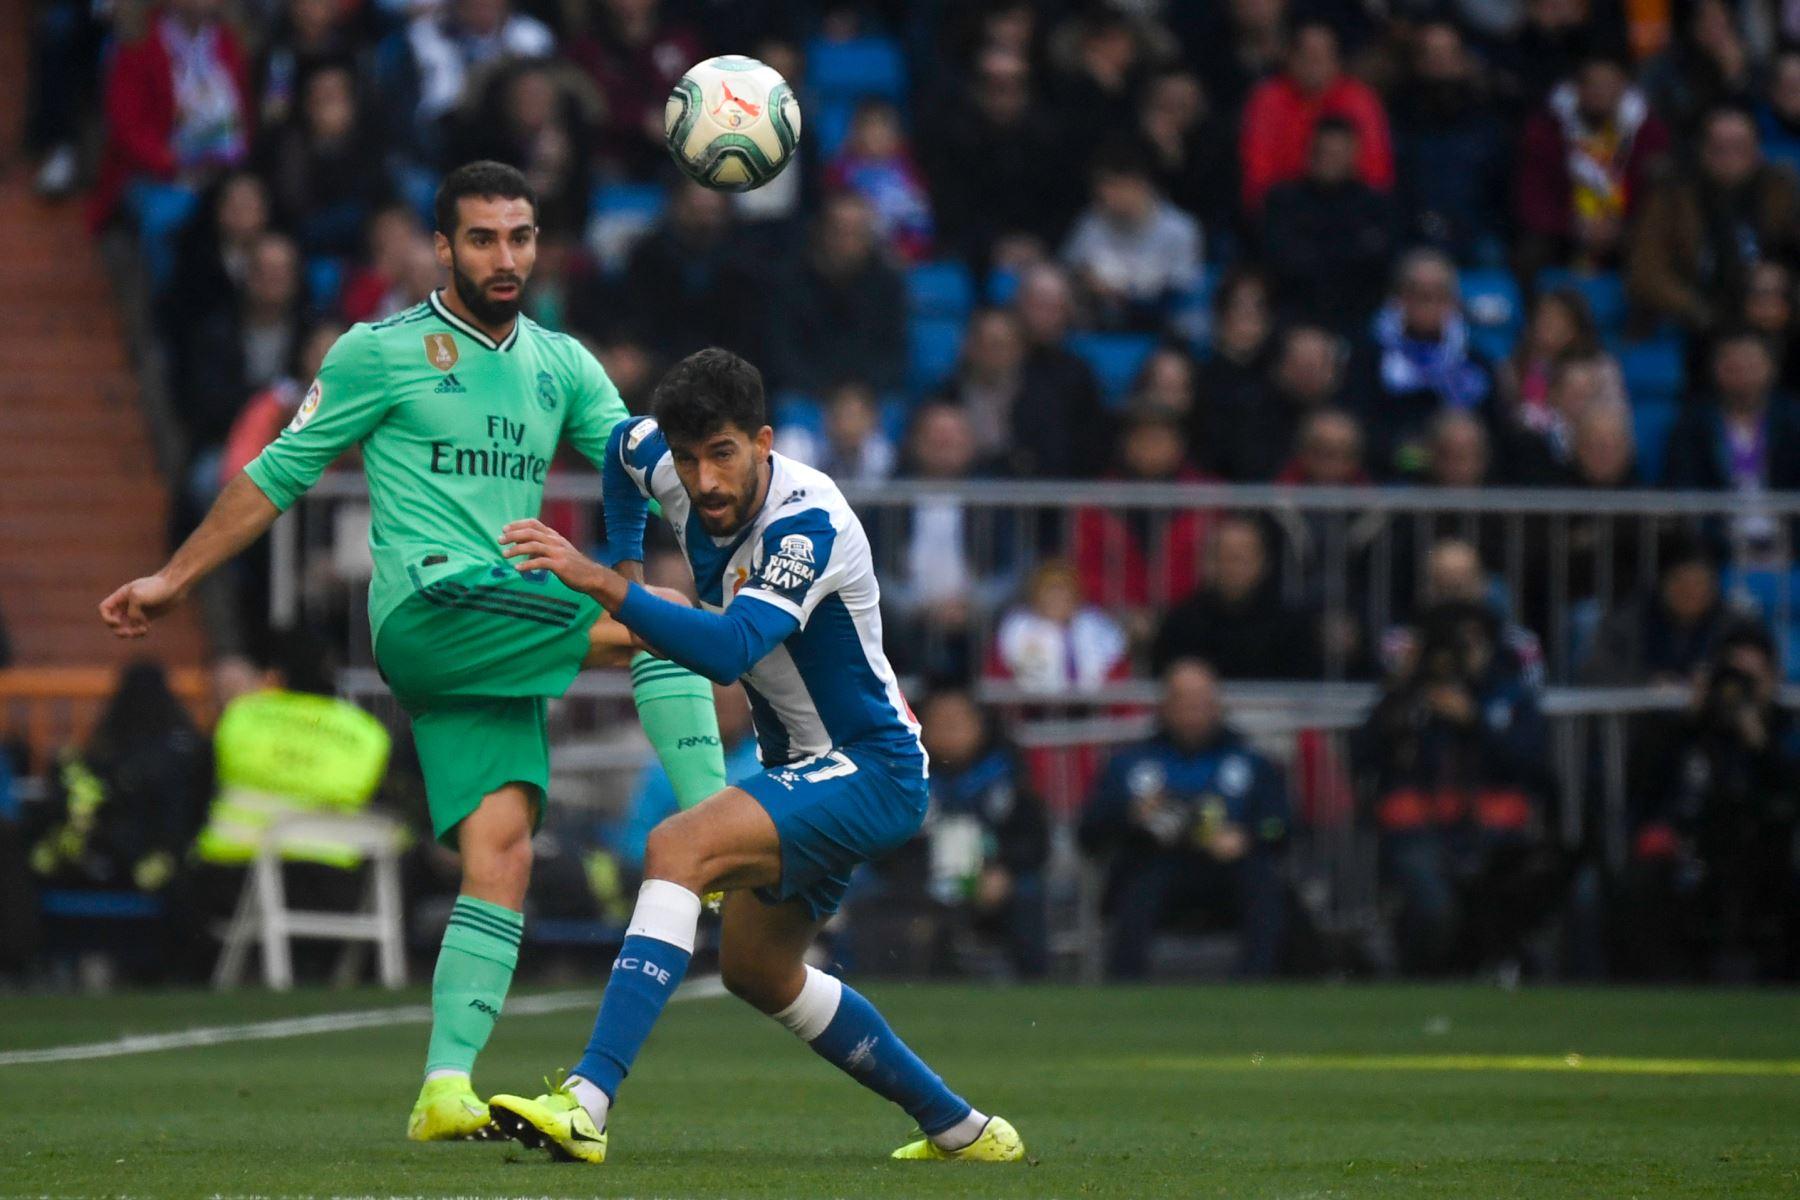 El defensor español del Real Madrid Dani Carvajal  compite con el defensor español del Espanyol Didac Vila durante el partido de fútbol de la Liga española entre el Real Real Madrid CF y el RCD Espanyol. Foto: AFP